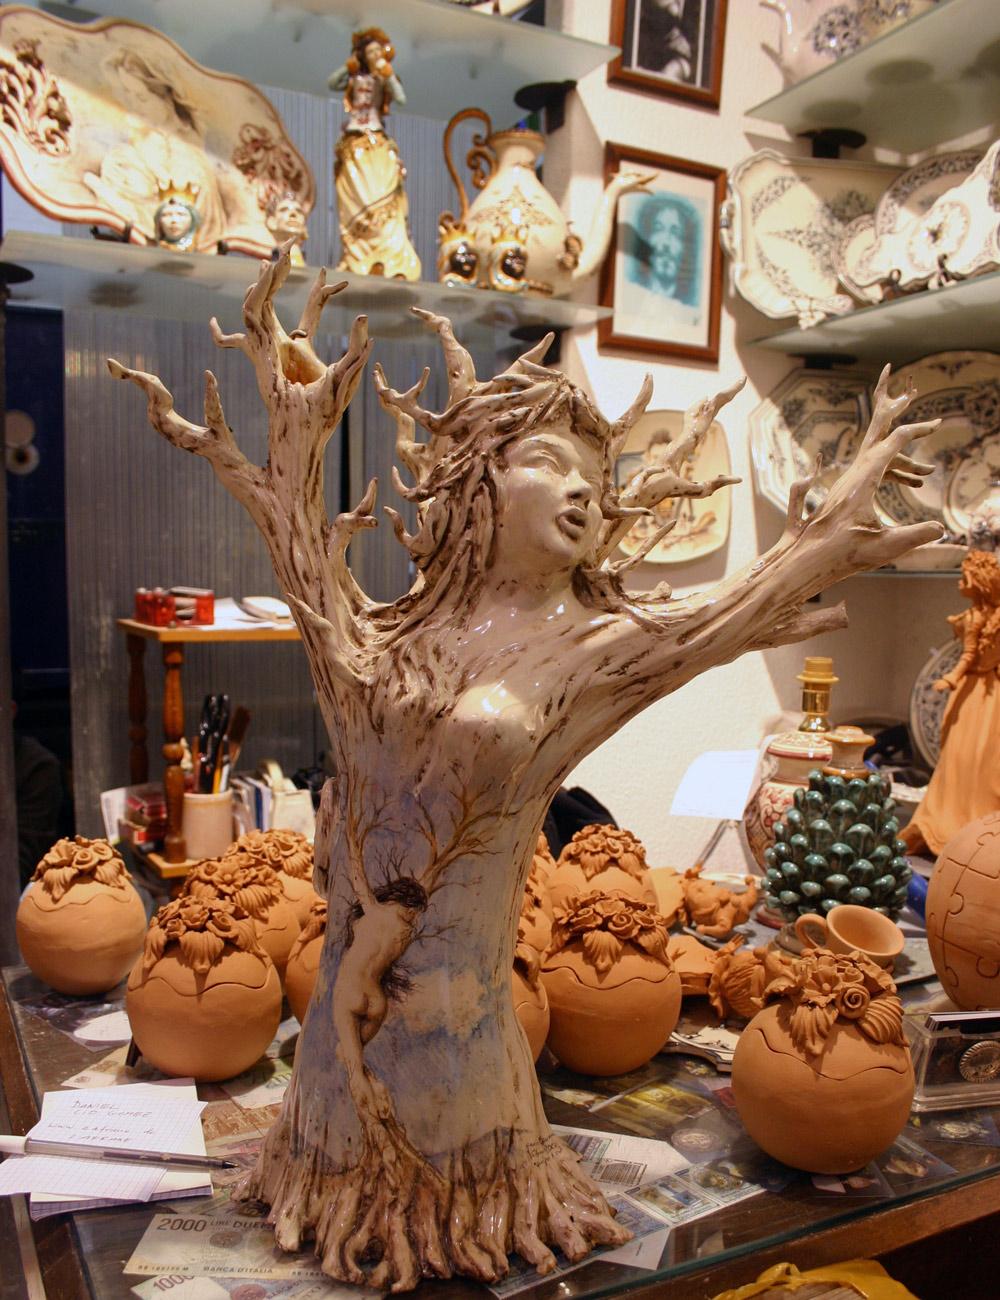 Kreative Keramik Skulptur